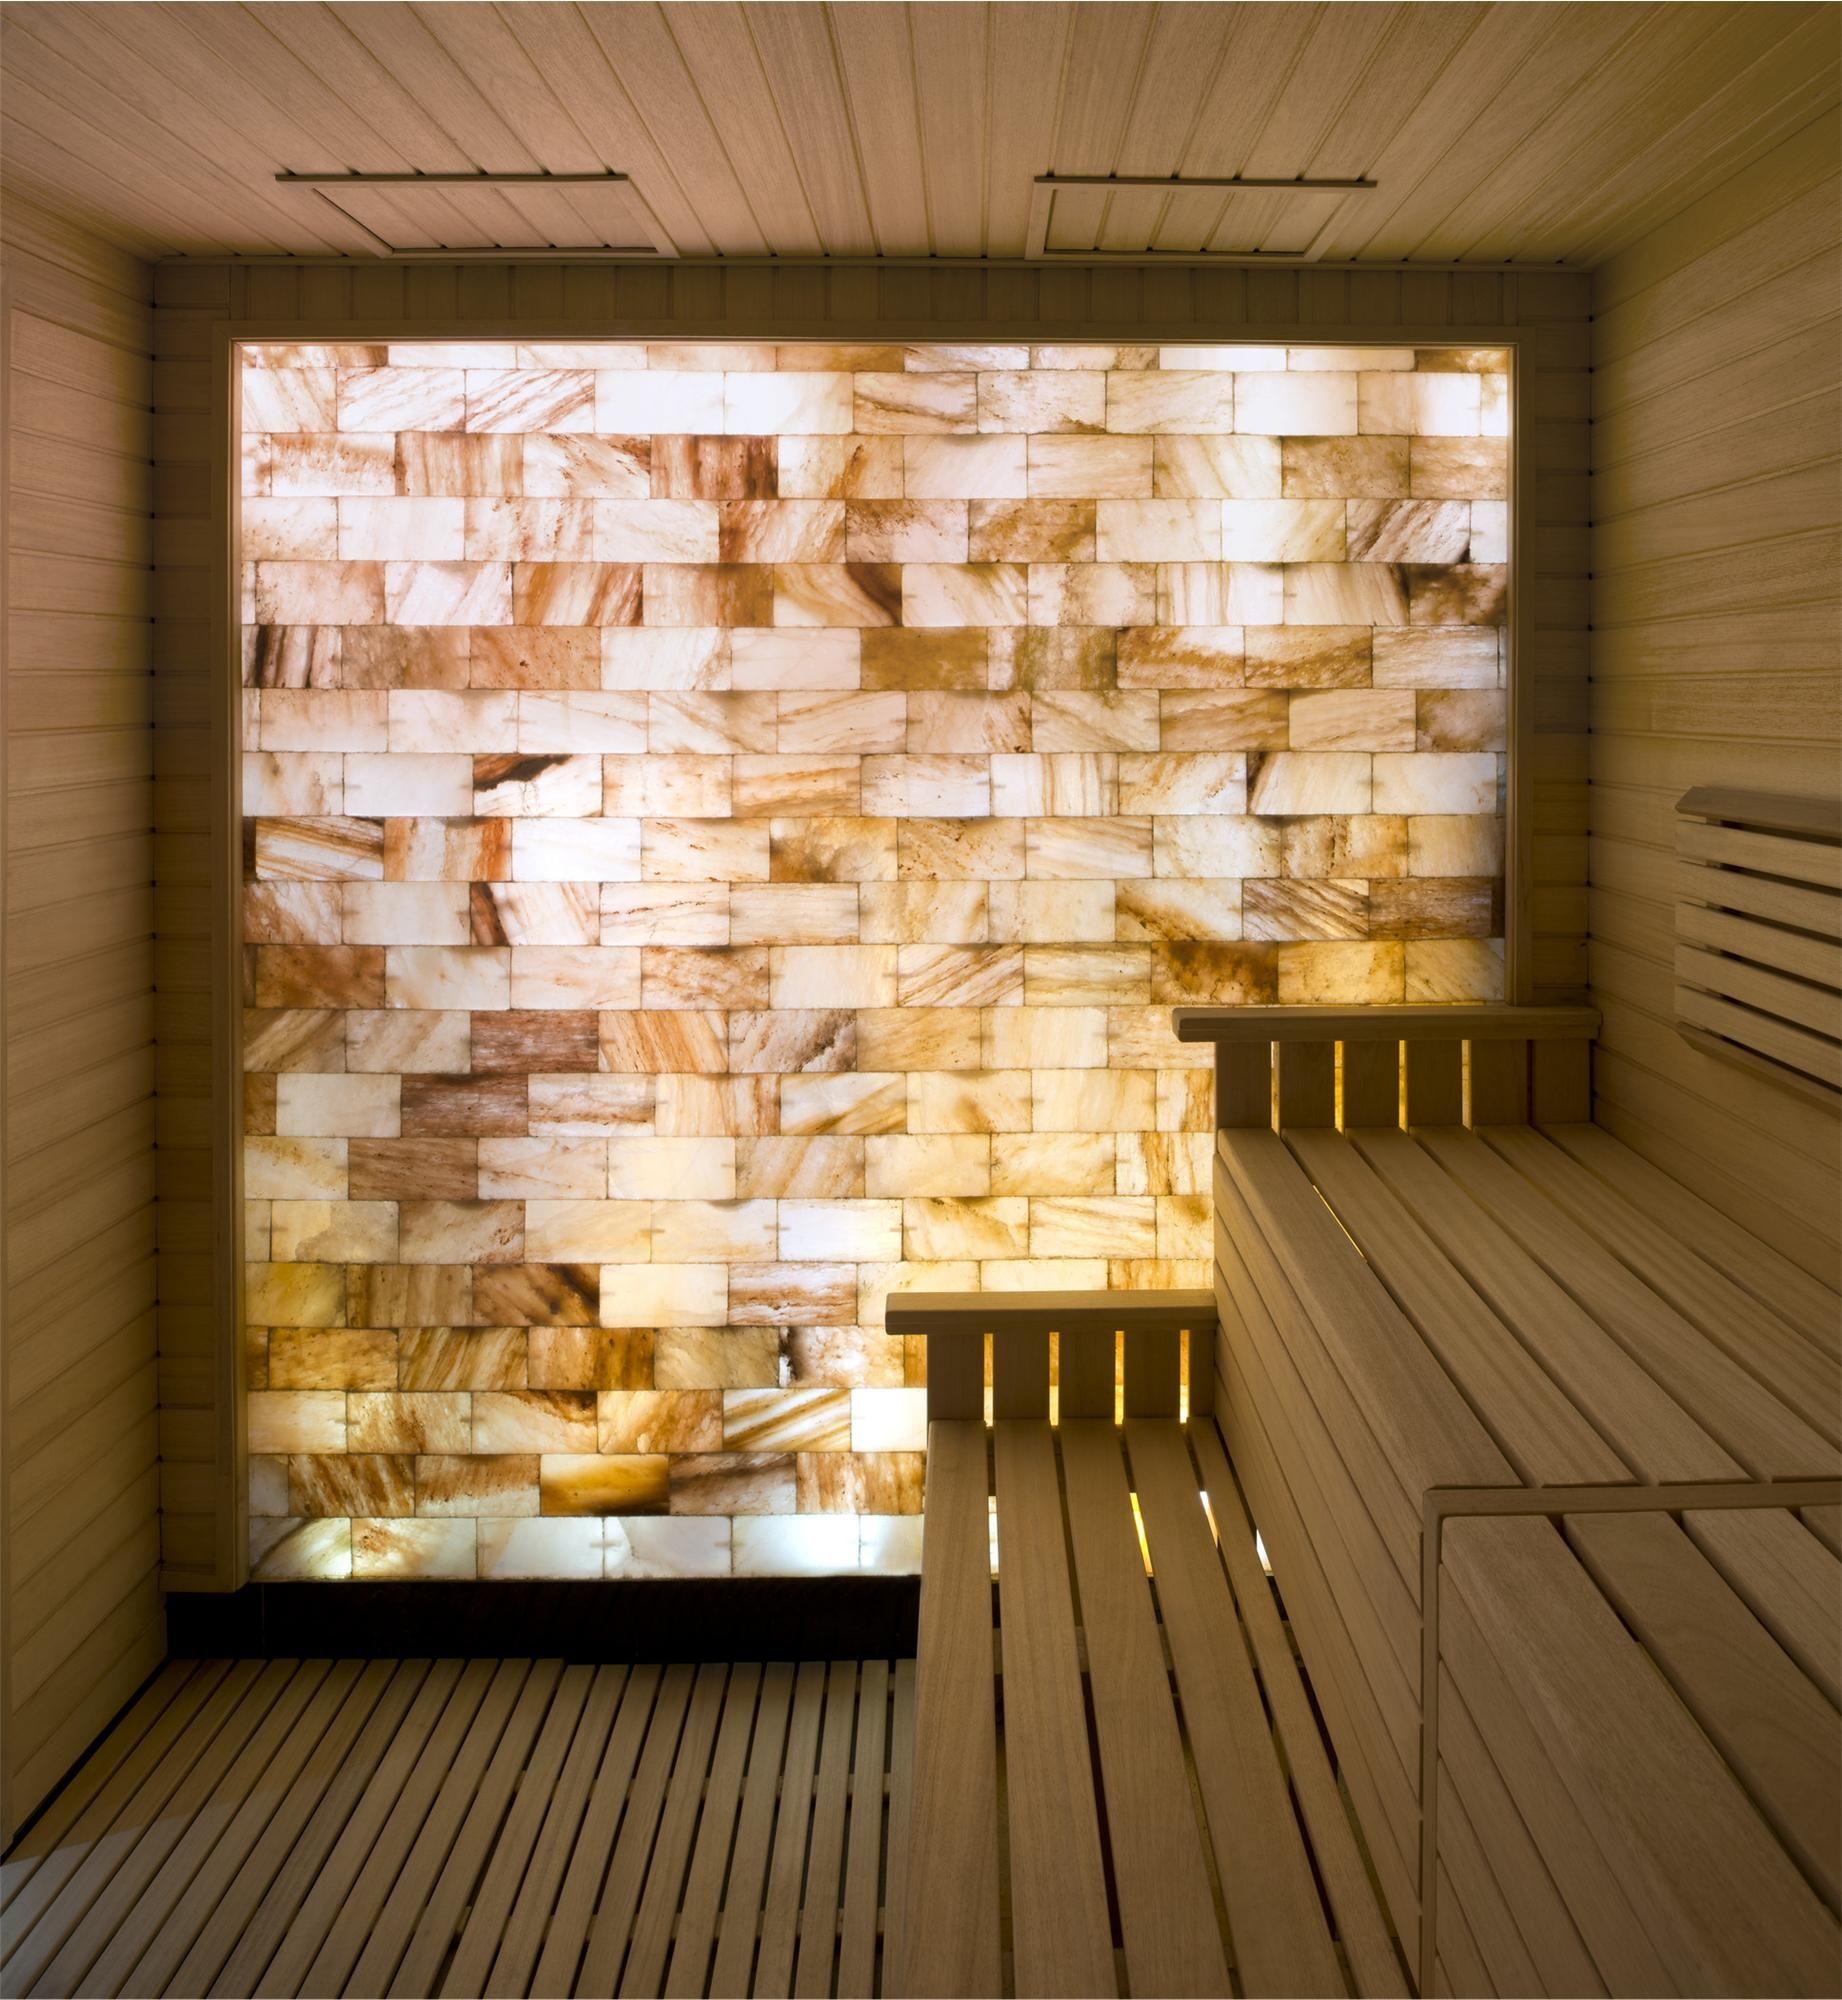 Shanghai Hotels: Twelve at Hengshan - Photos | Spa decor